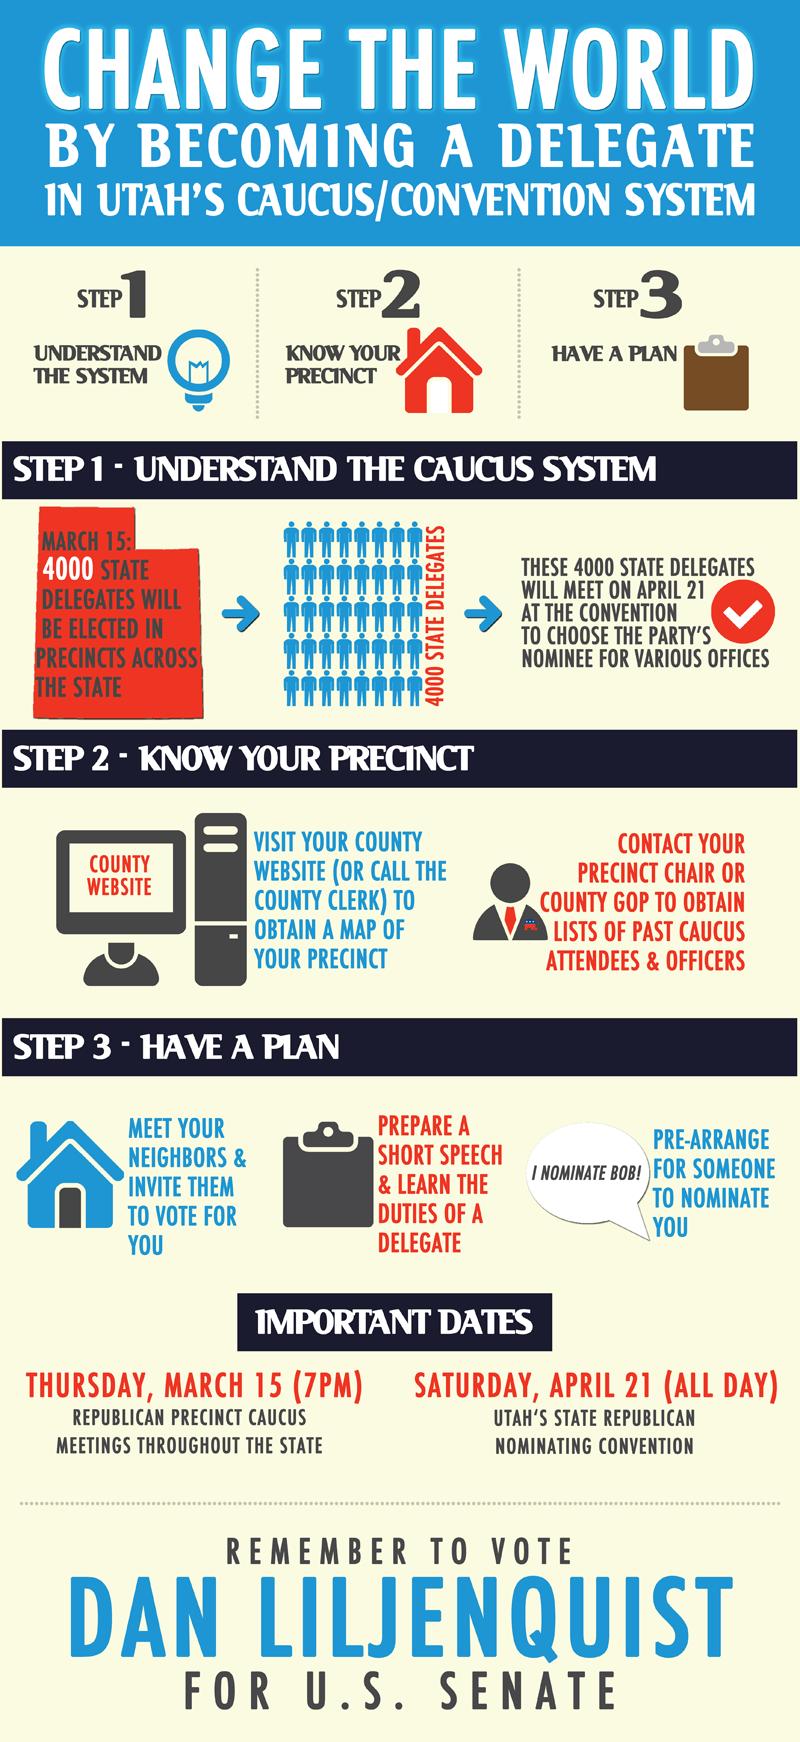 Utah caucus/delegate system infographic